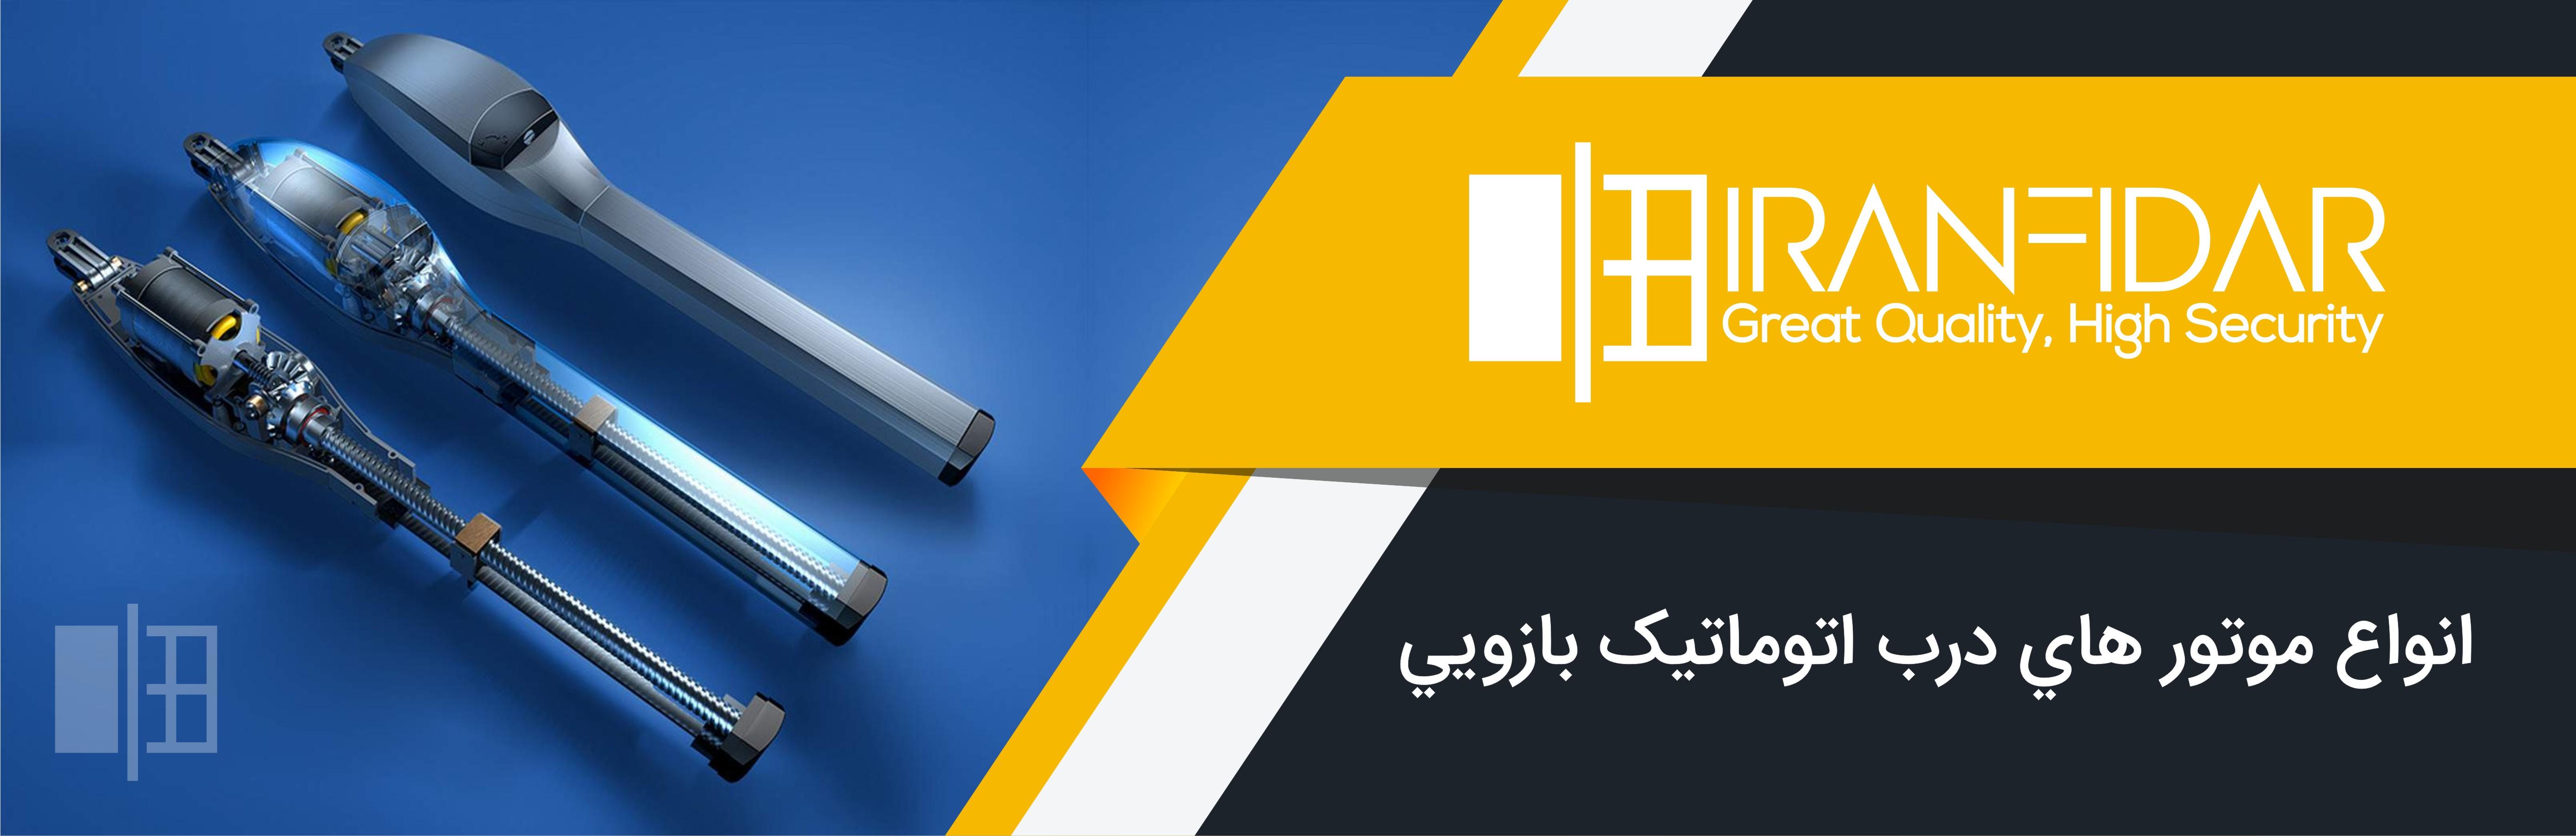 جک بازویی - جک پارکینگ - درب پارکینگ برقی | ایران فیدار